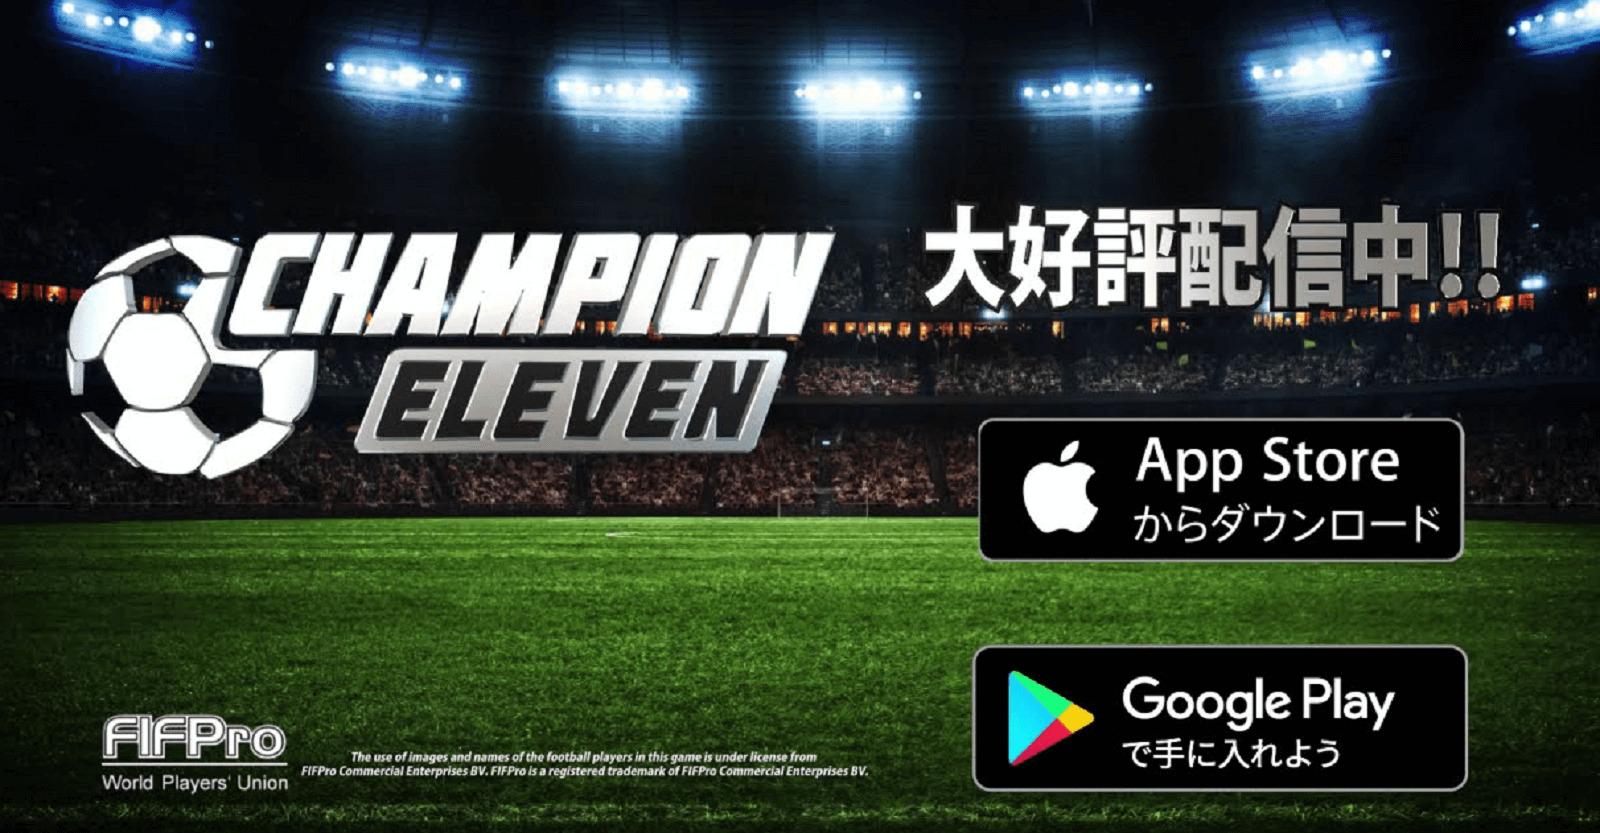 FIFPro公式 チャンピオンイレブン、リセマラ不要、スター選手を実名で操作できるリアルサッカーゲームアプリ